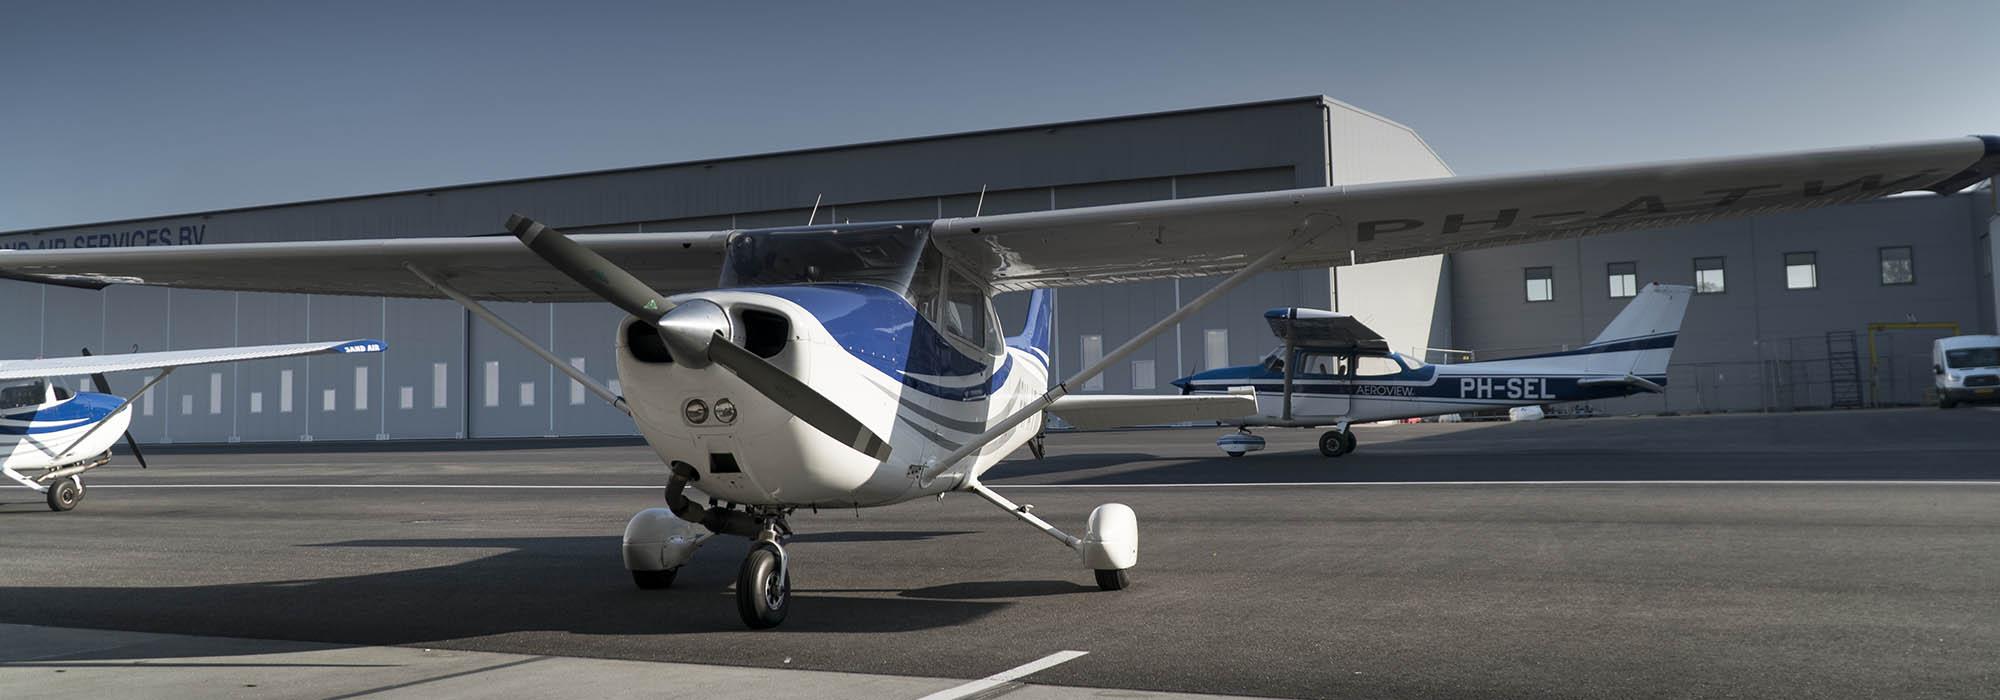 Een luchtfoto gemaakt vanuit een vliegtuig is ook mogelijk